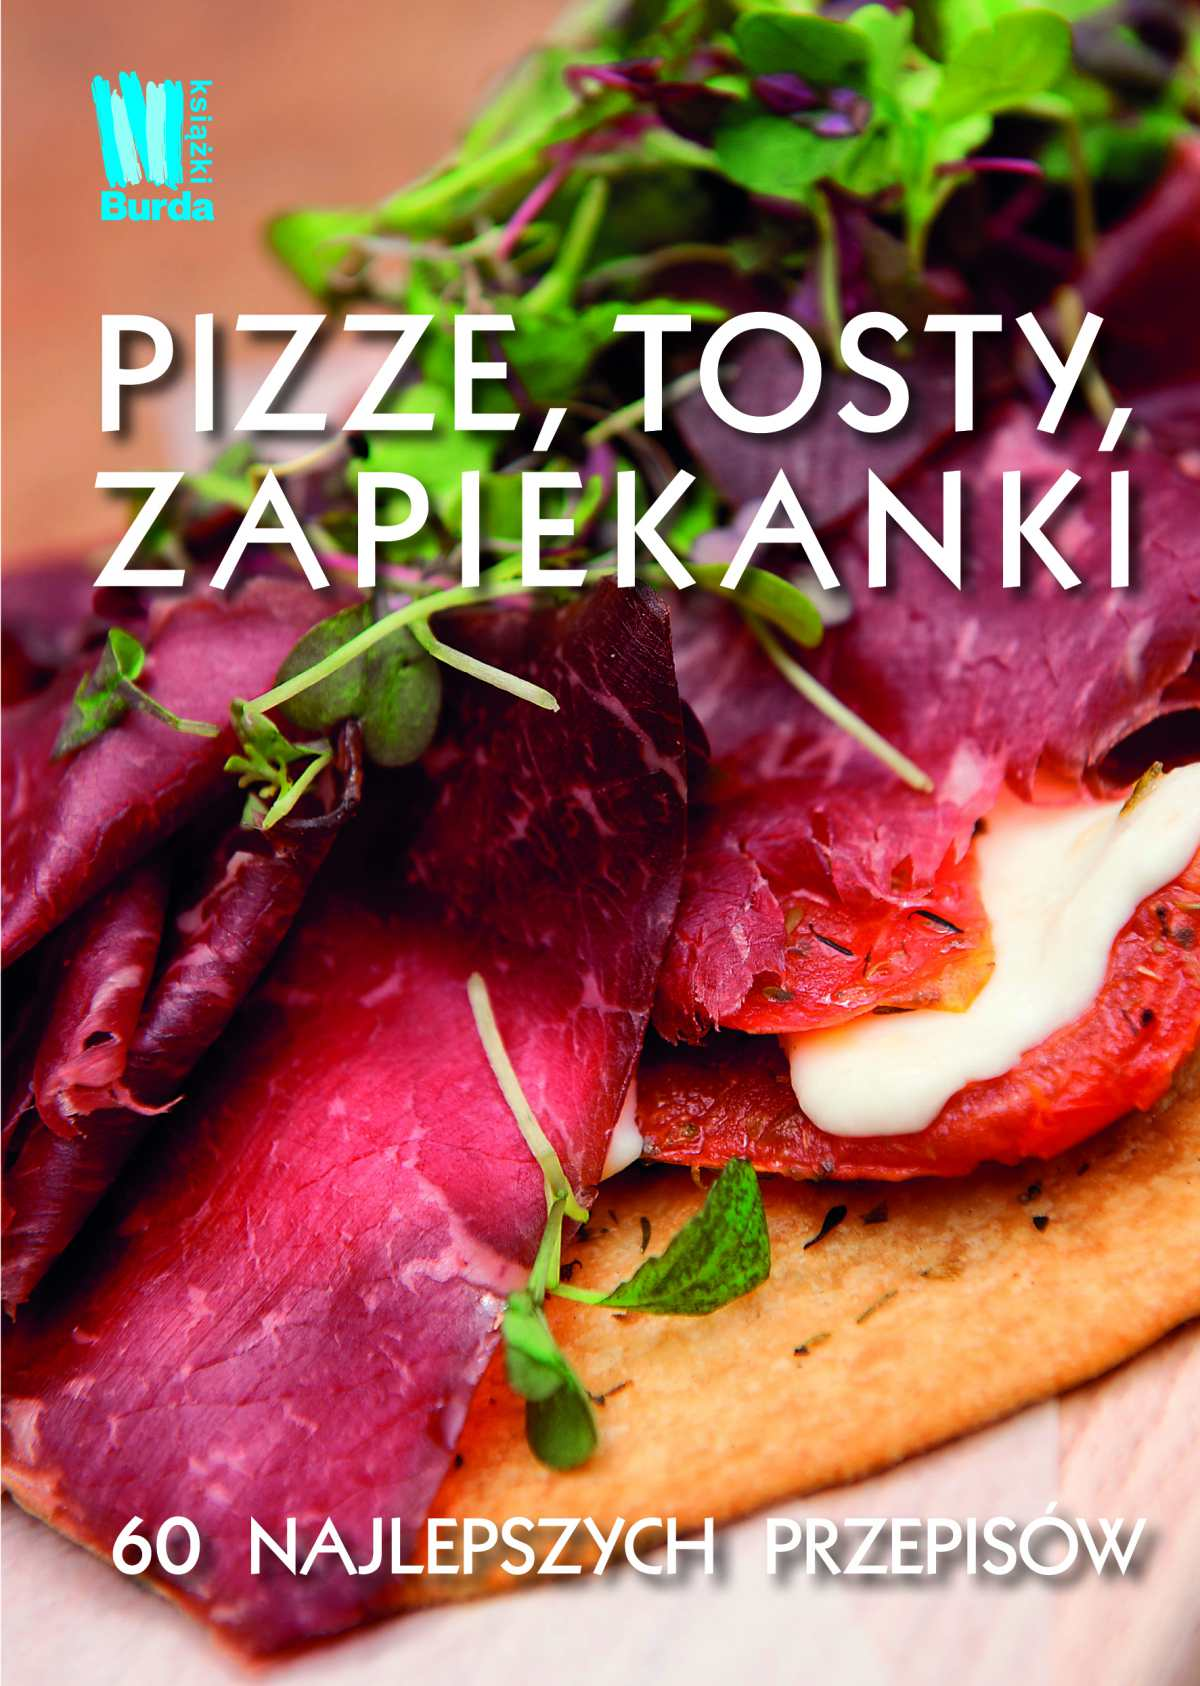 Pizze, tosty, zapiekanki - Ebook (Książka EPUB) do pobrania w formacie EPUB